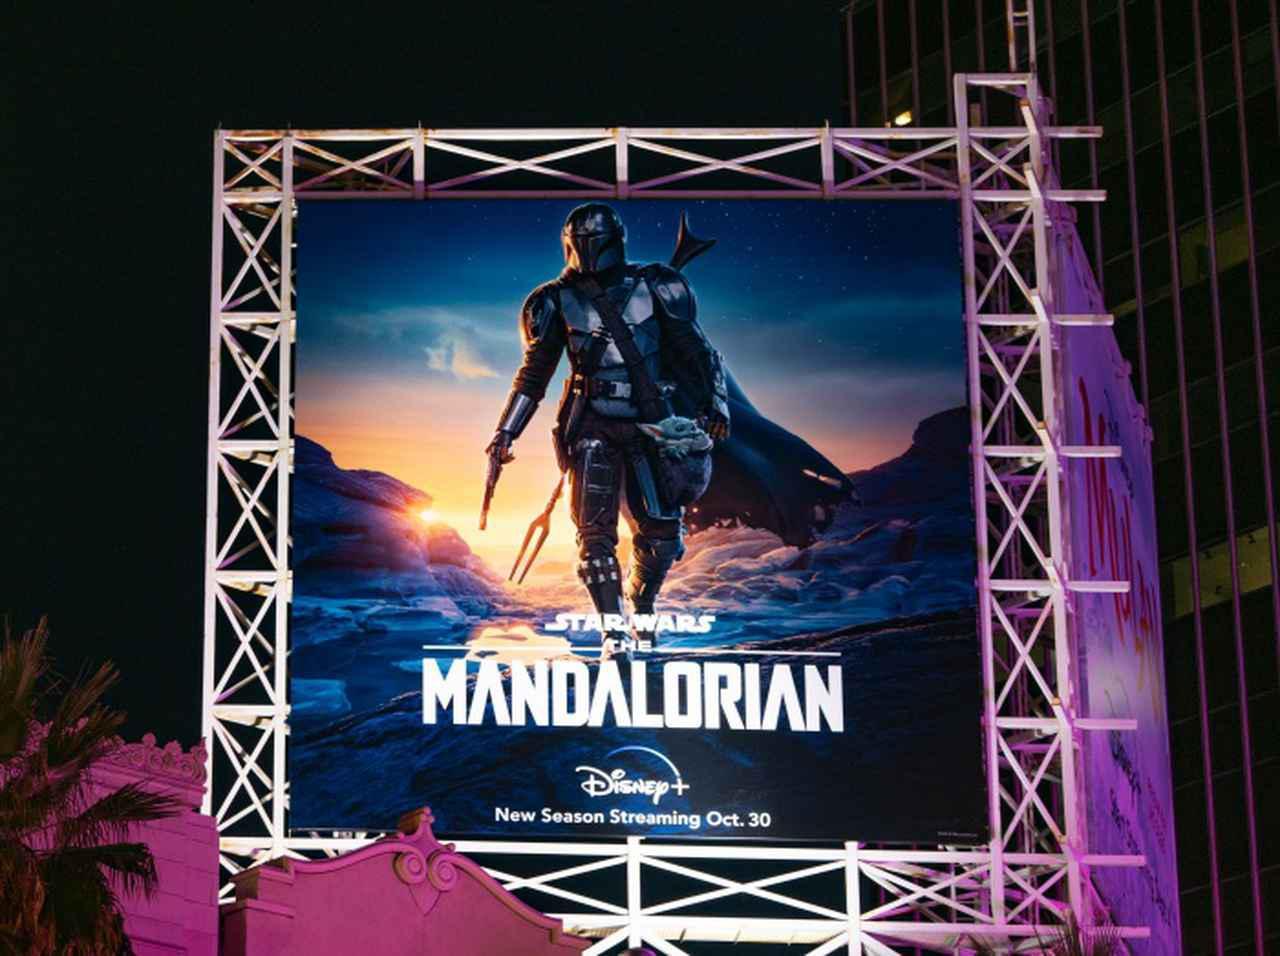 画像: 『マンダロリアン』のあるシーン、400〜500回も撮り直ししていた…! - フロントロウ -海外セレブ情報を発信